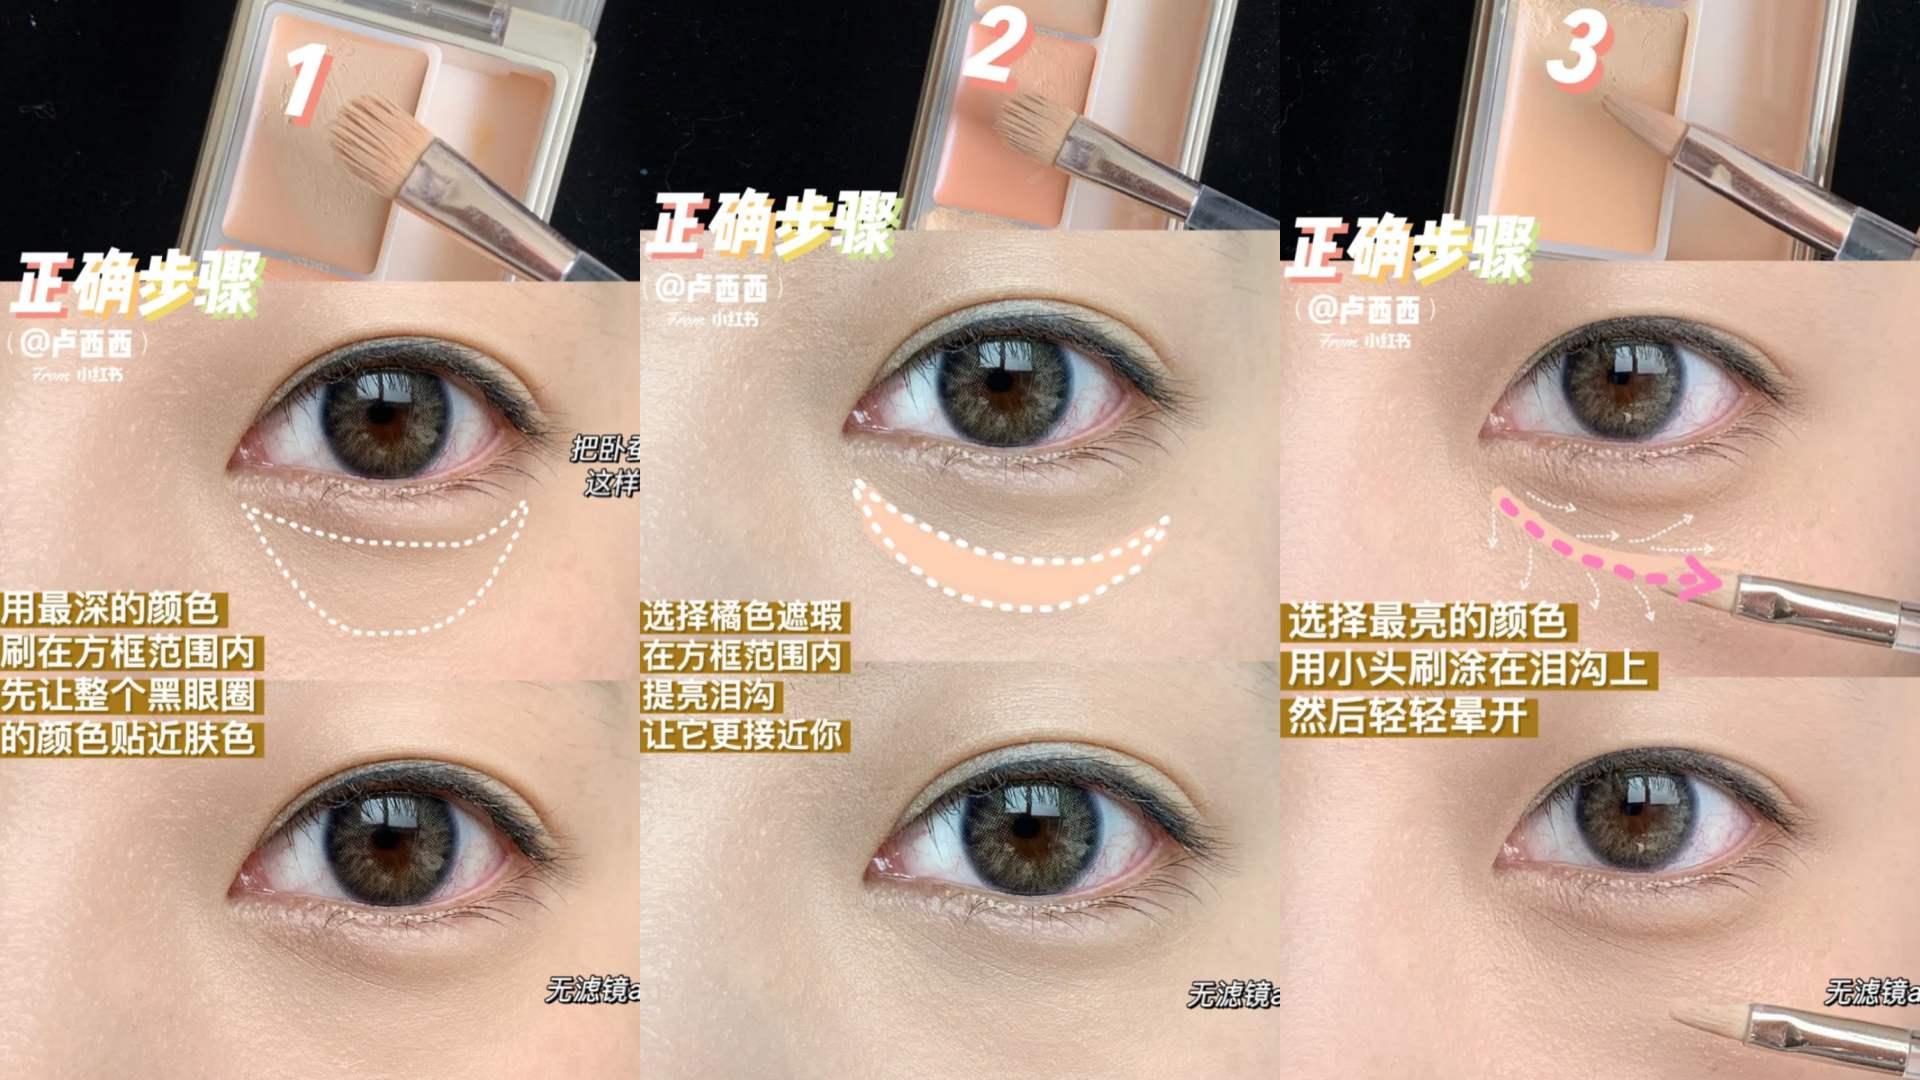 黑眼圈遮瑕正确步骤,就是要先校色再提亮。